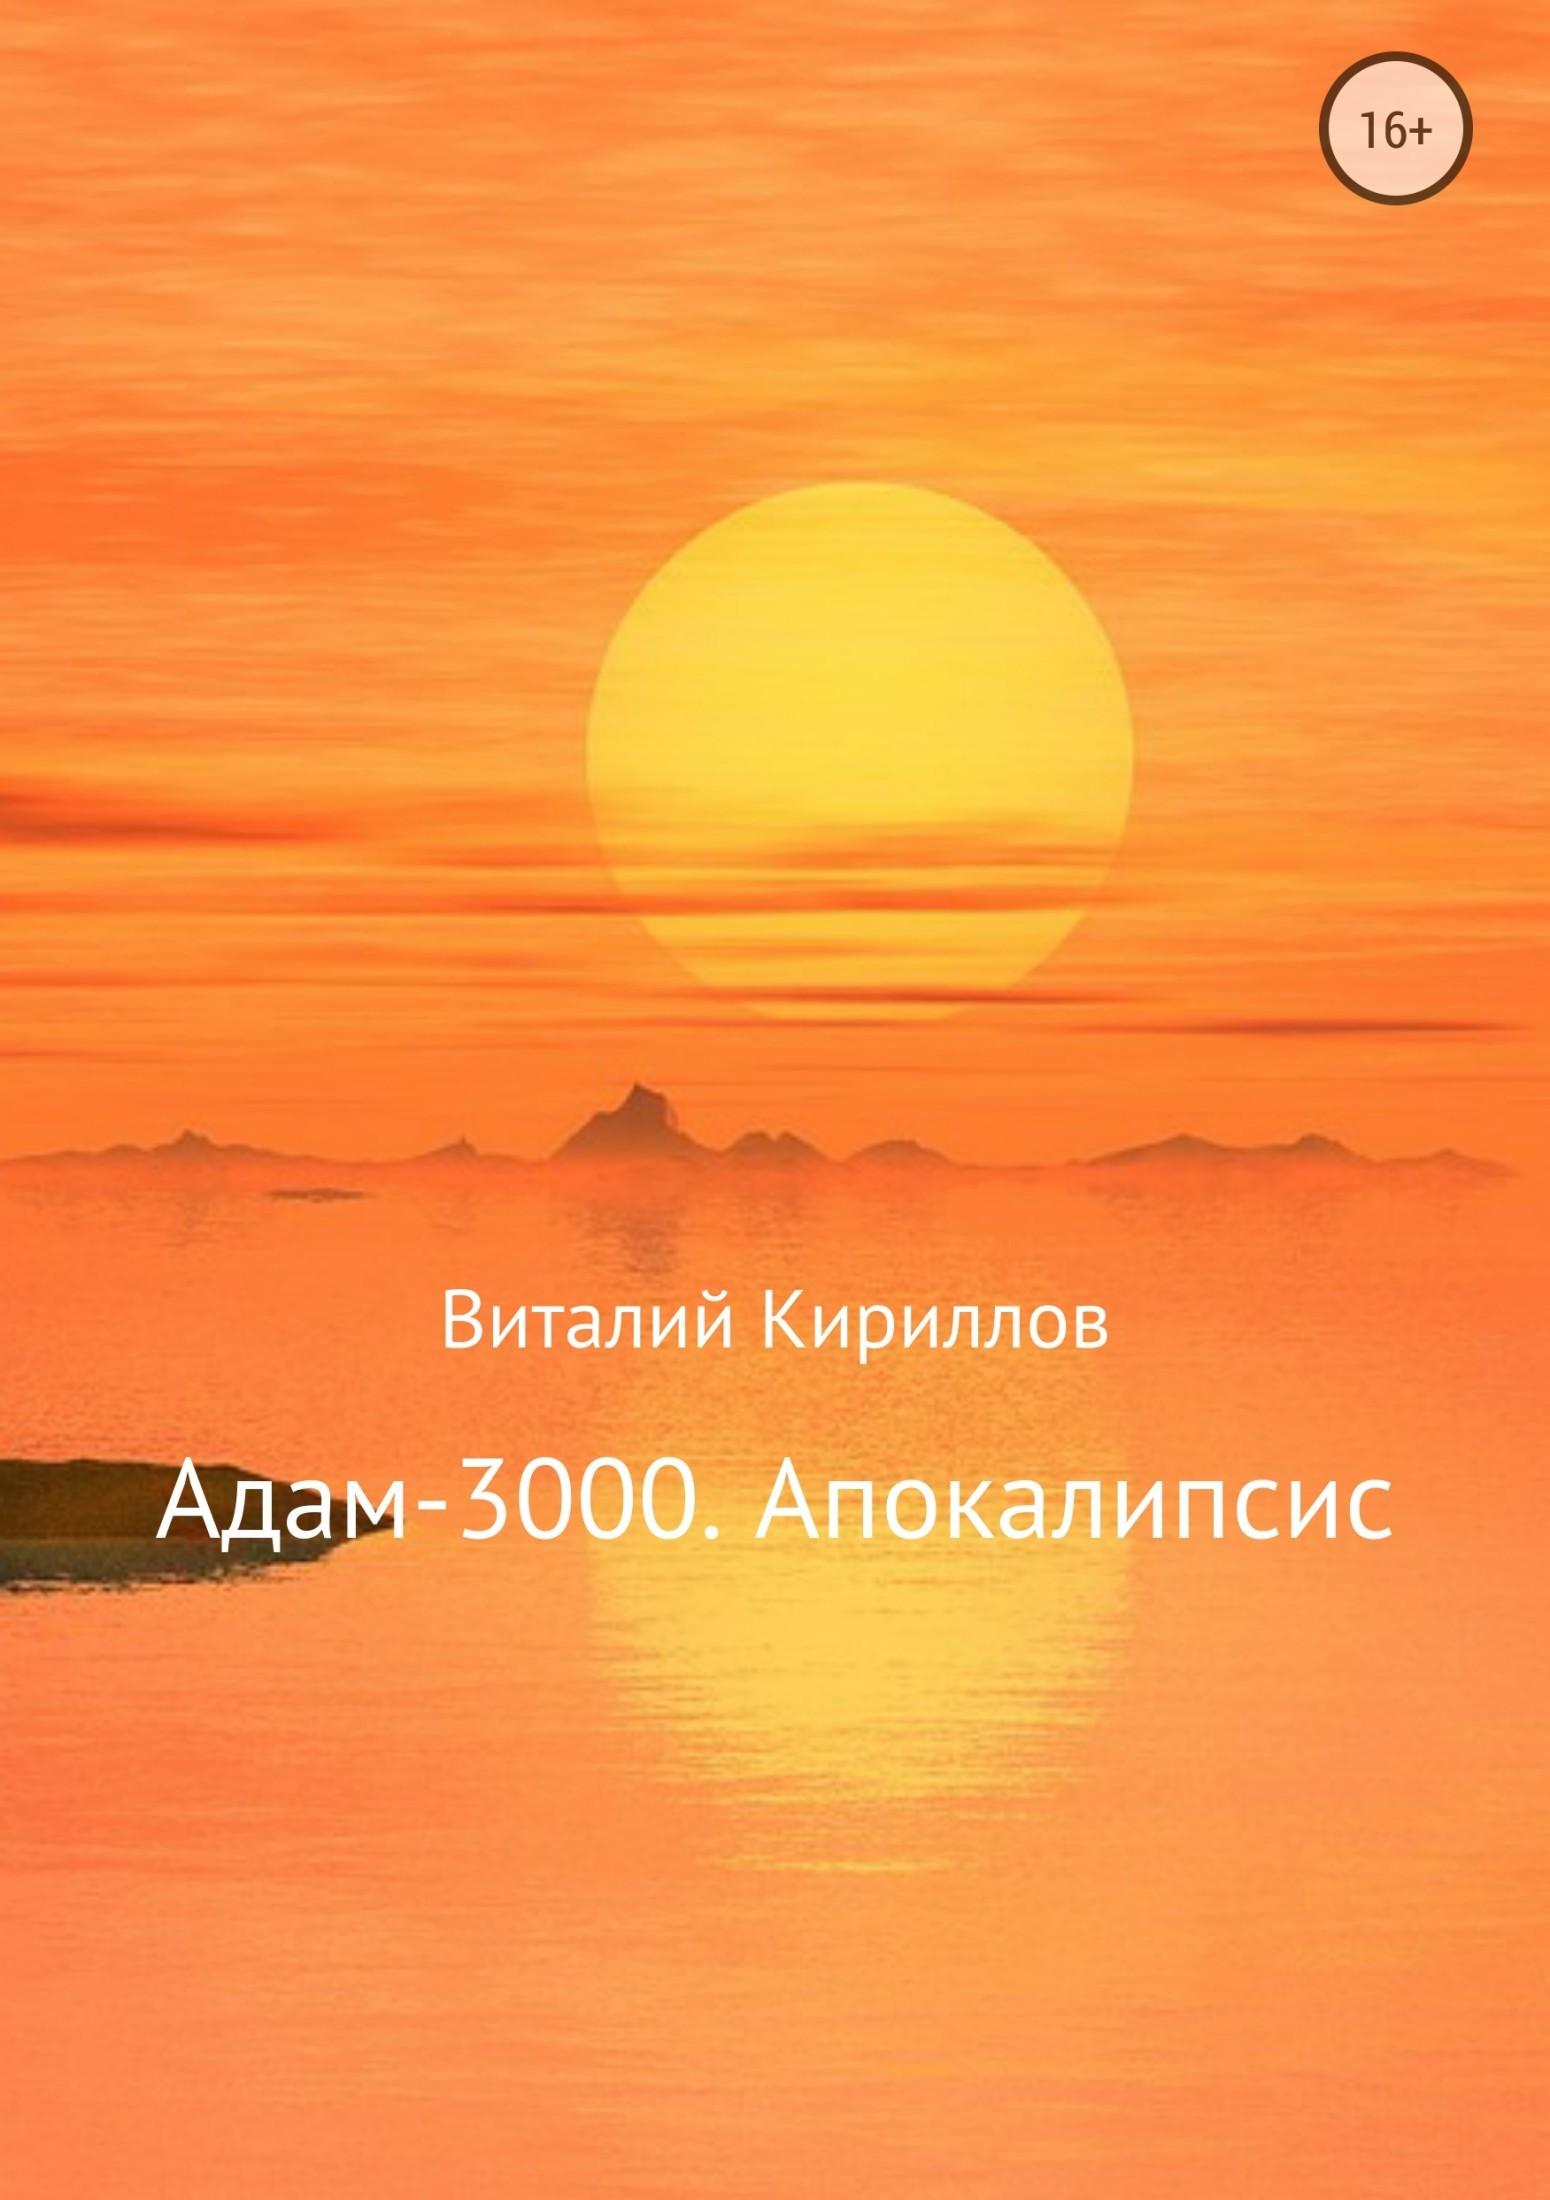 Адам-3000. Апокалипсис